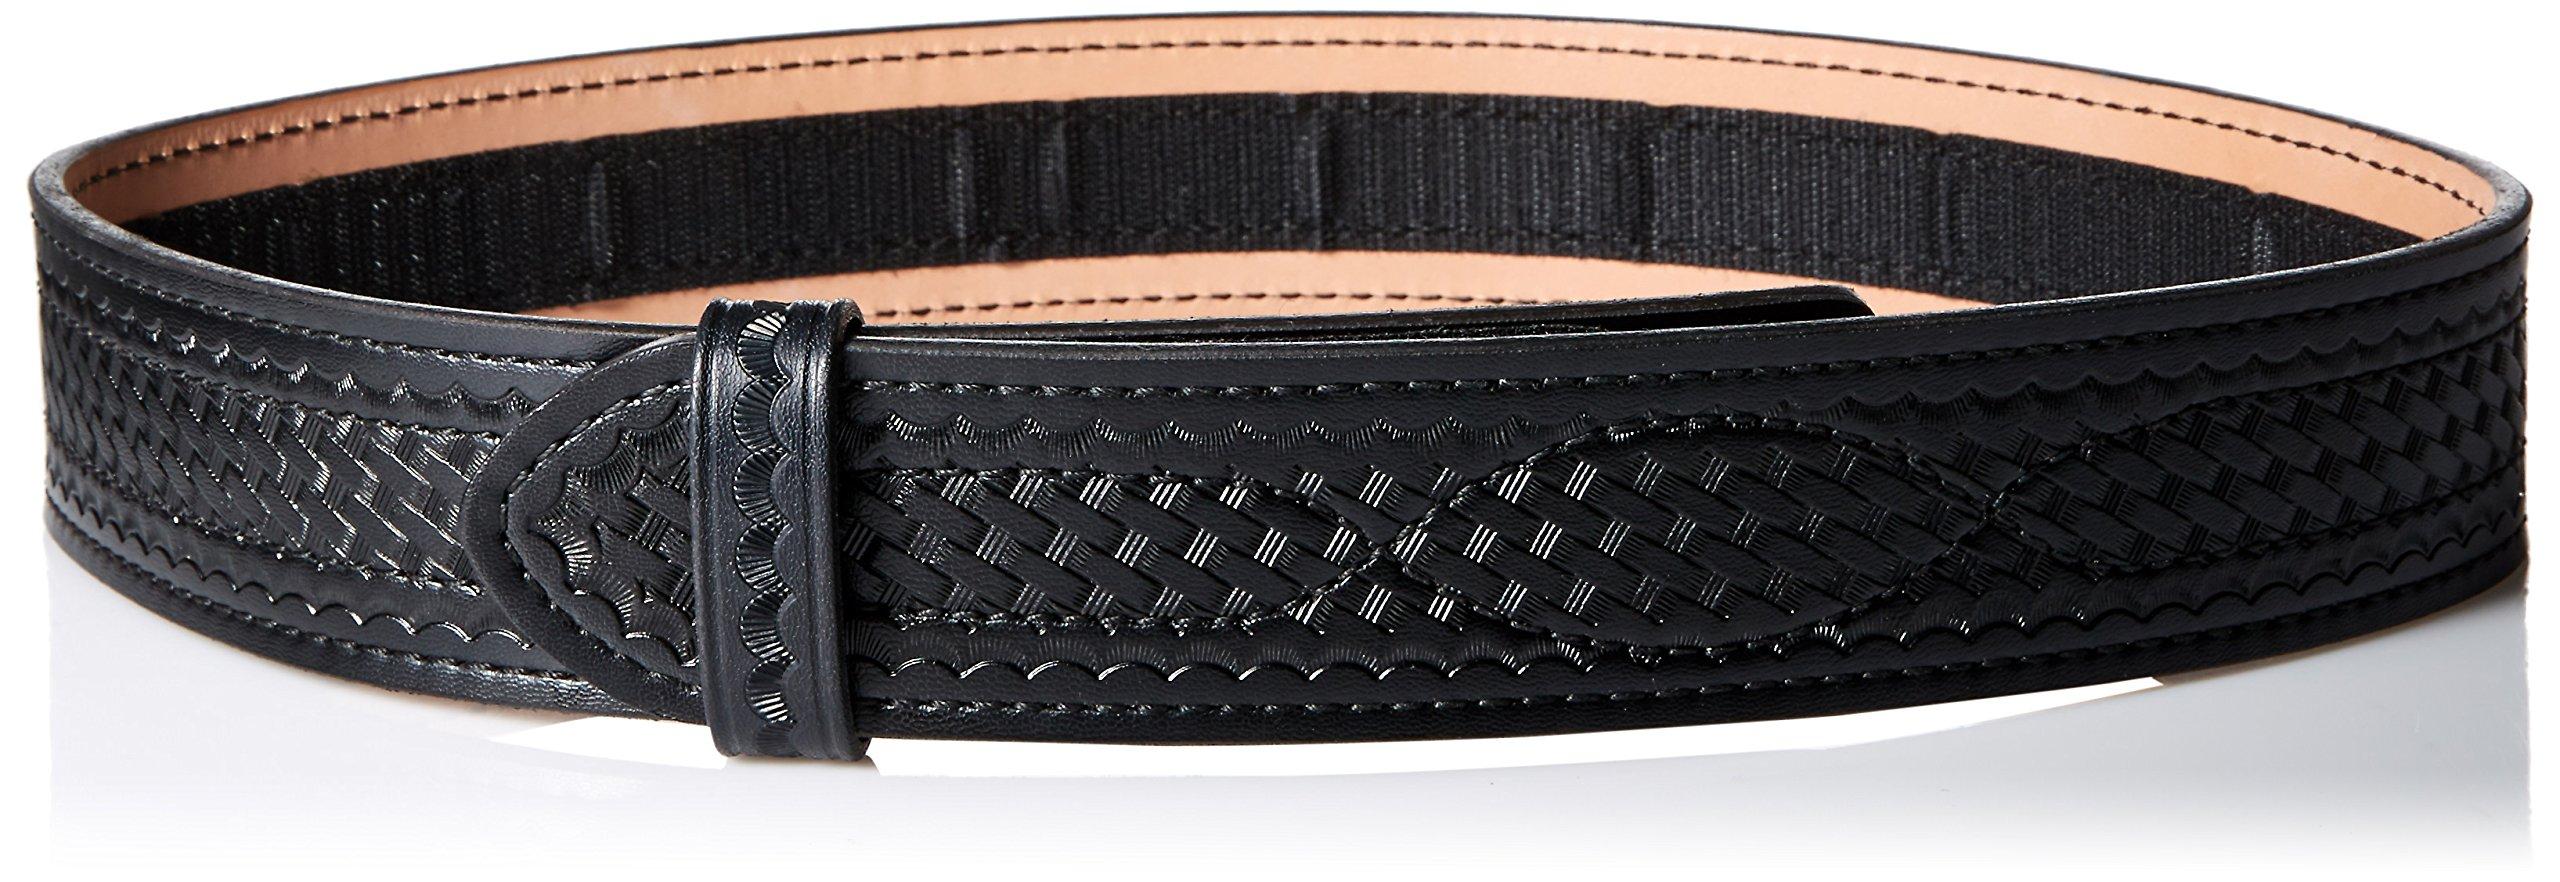 Safariland 94 Duty Belt from Buckleless Duty Belt (Basketweave, Black, Size 36)